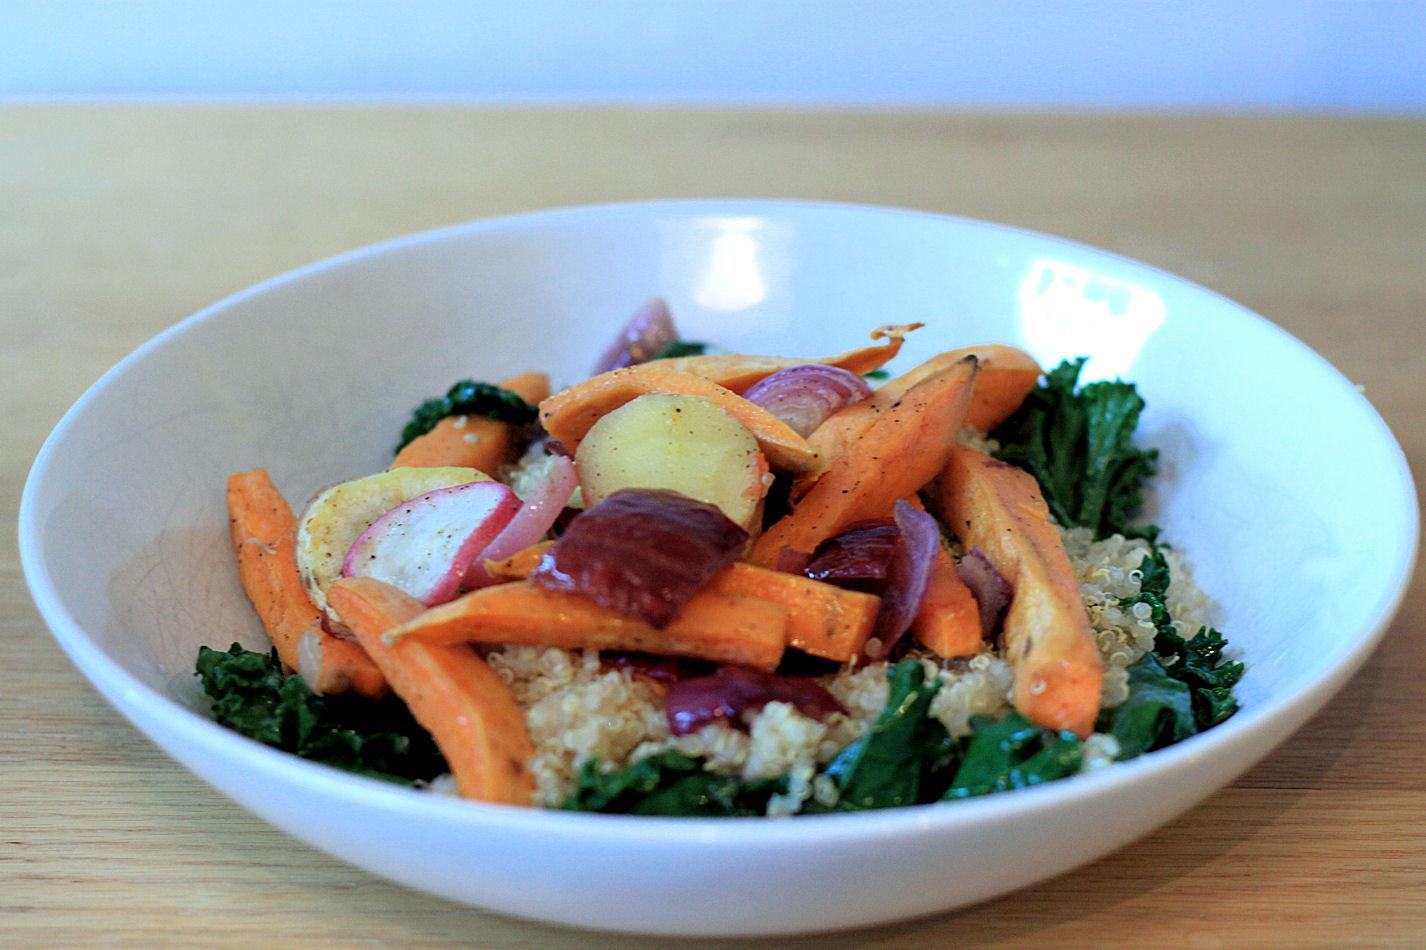 Sitten erilaisia vihanneksia tai juureksia tuoreena, höyrytettynä tai paahdettuna.